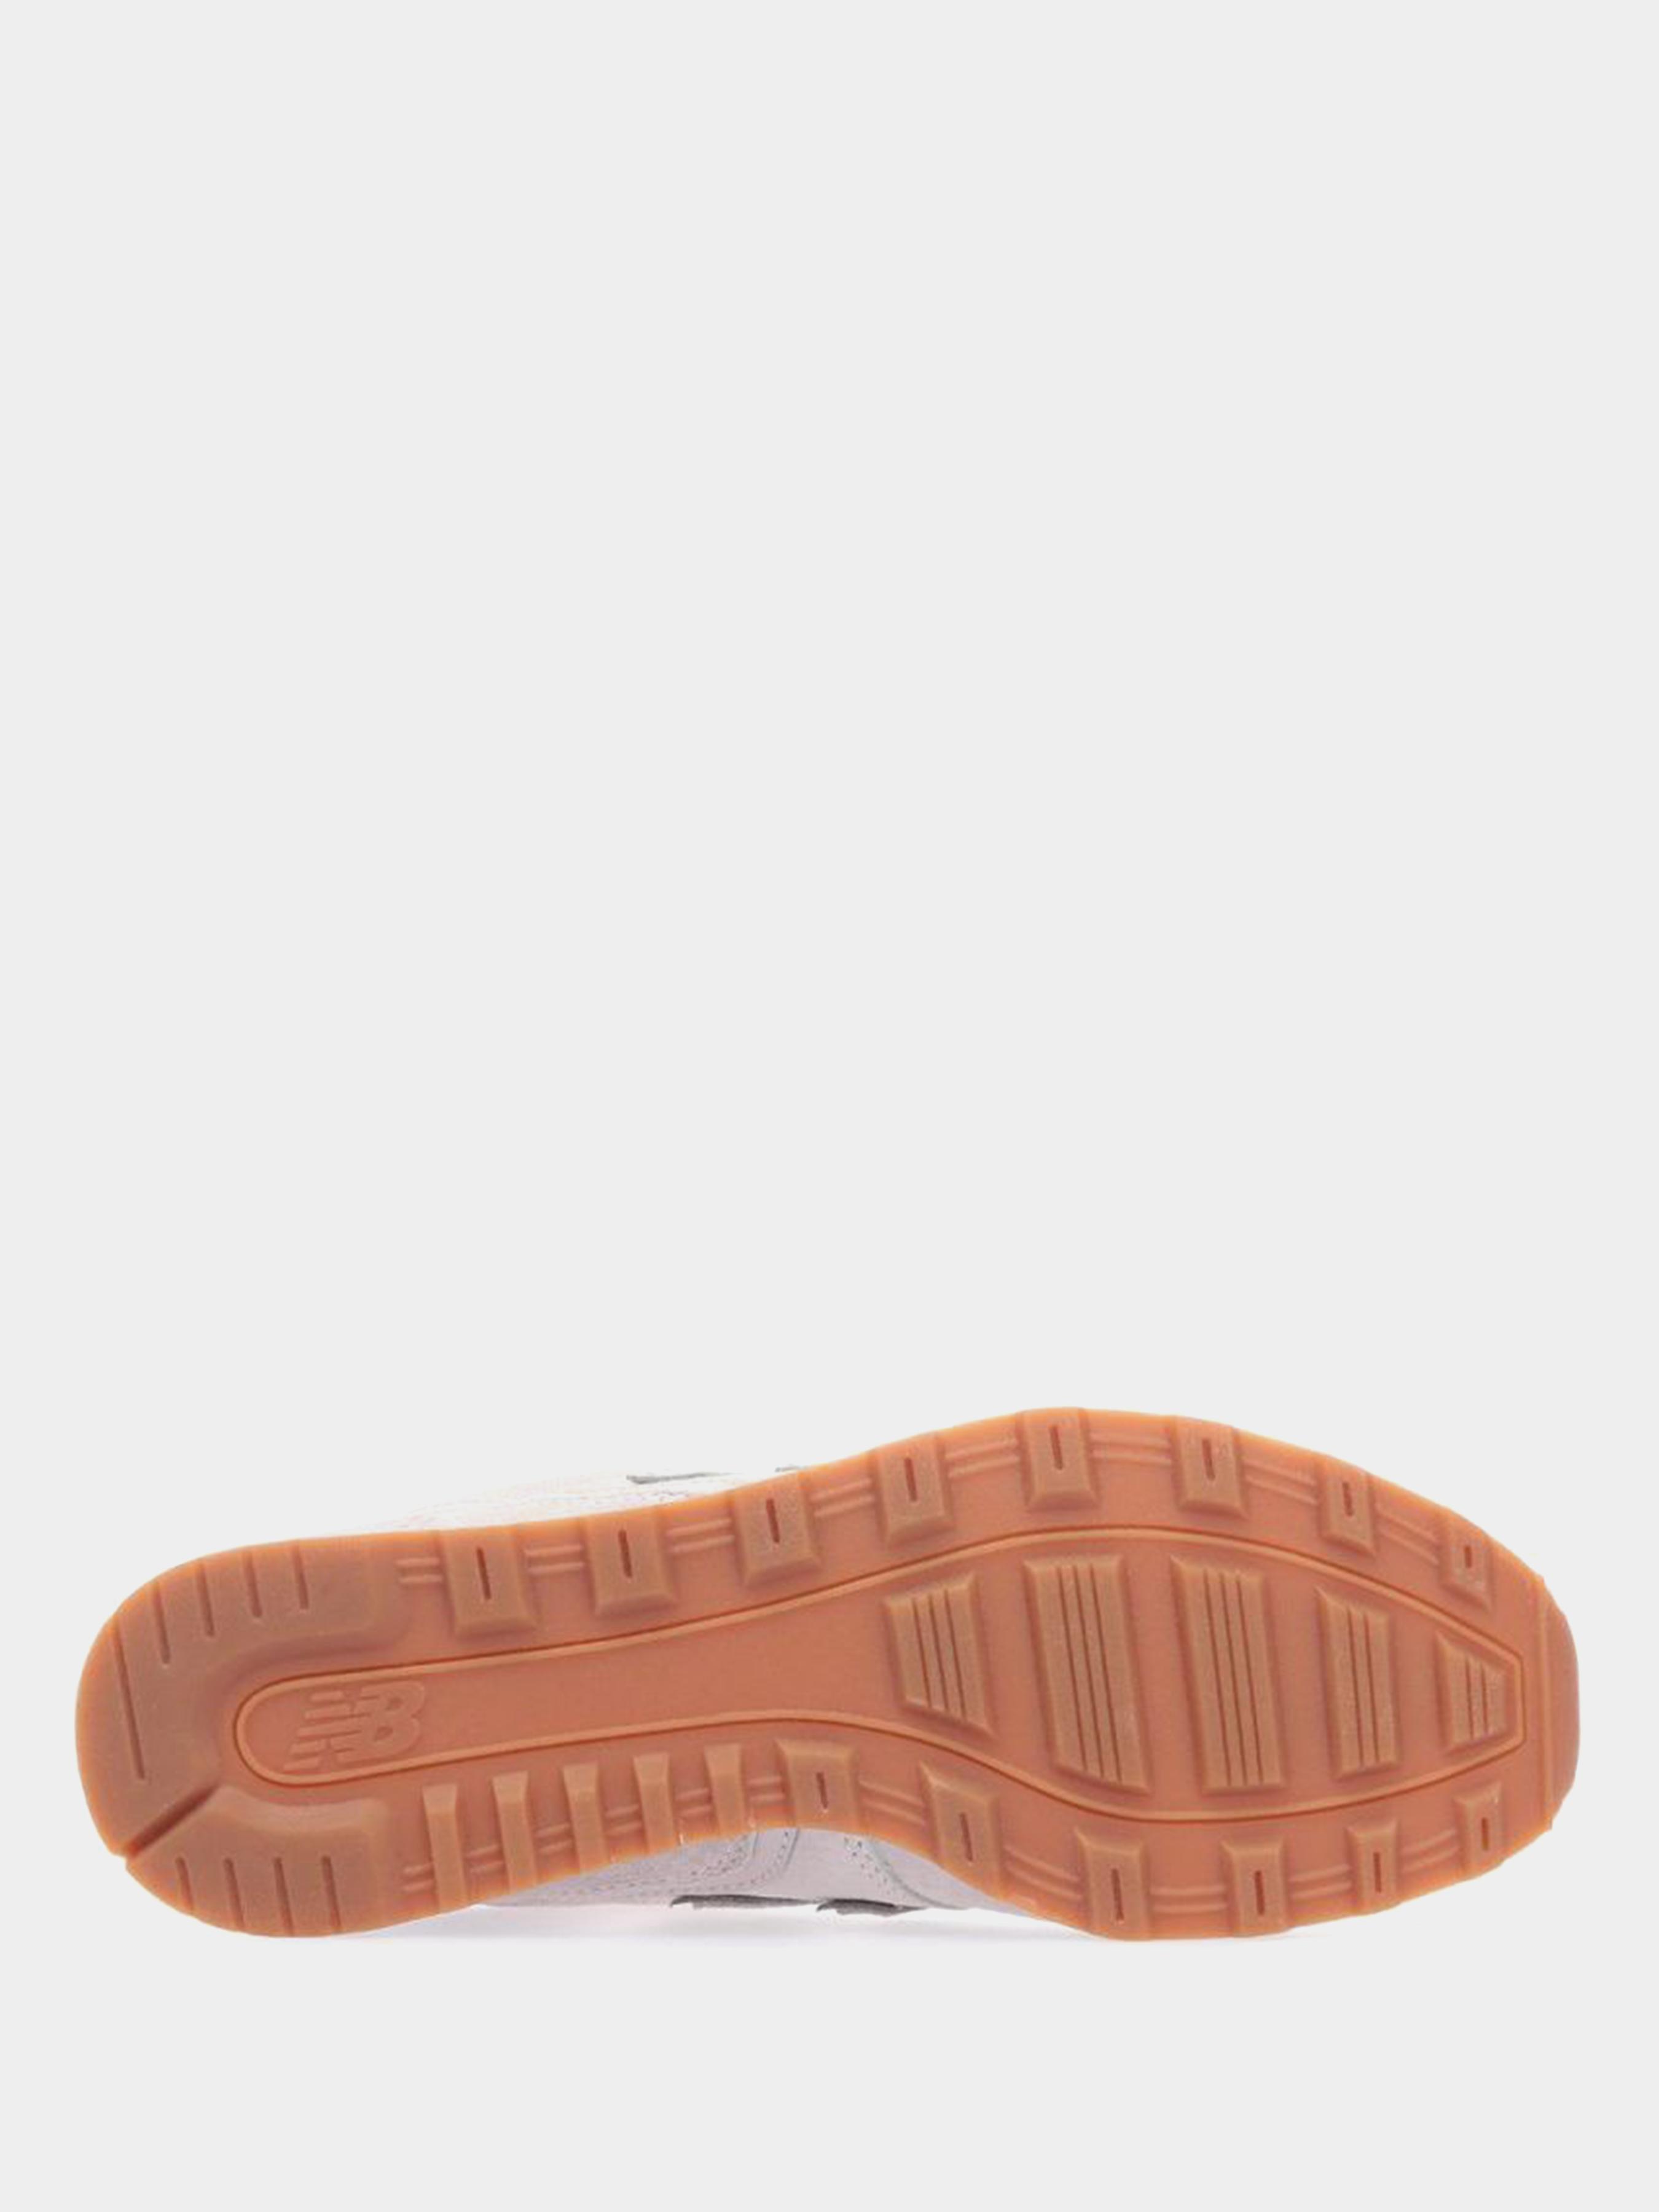 Кроссовки женские New Balance 996 MG58 купить обувь, 2017